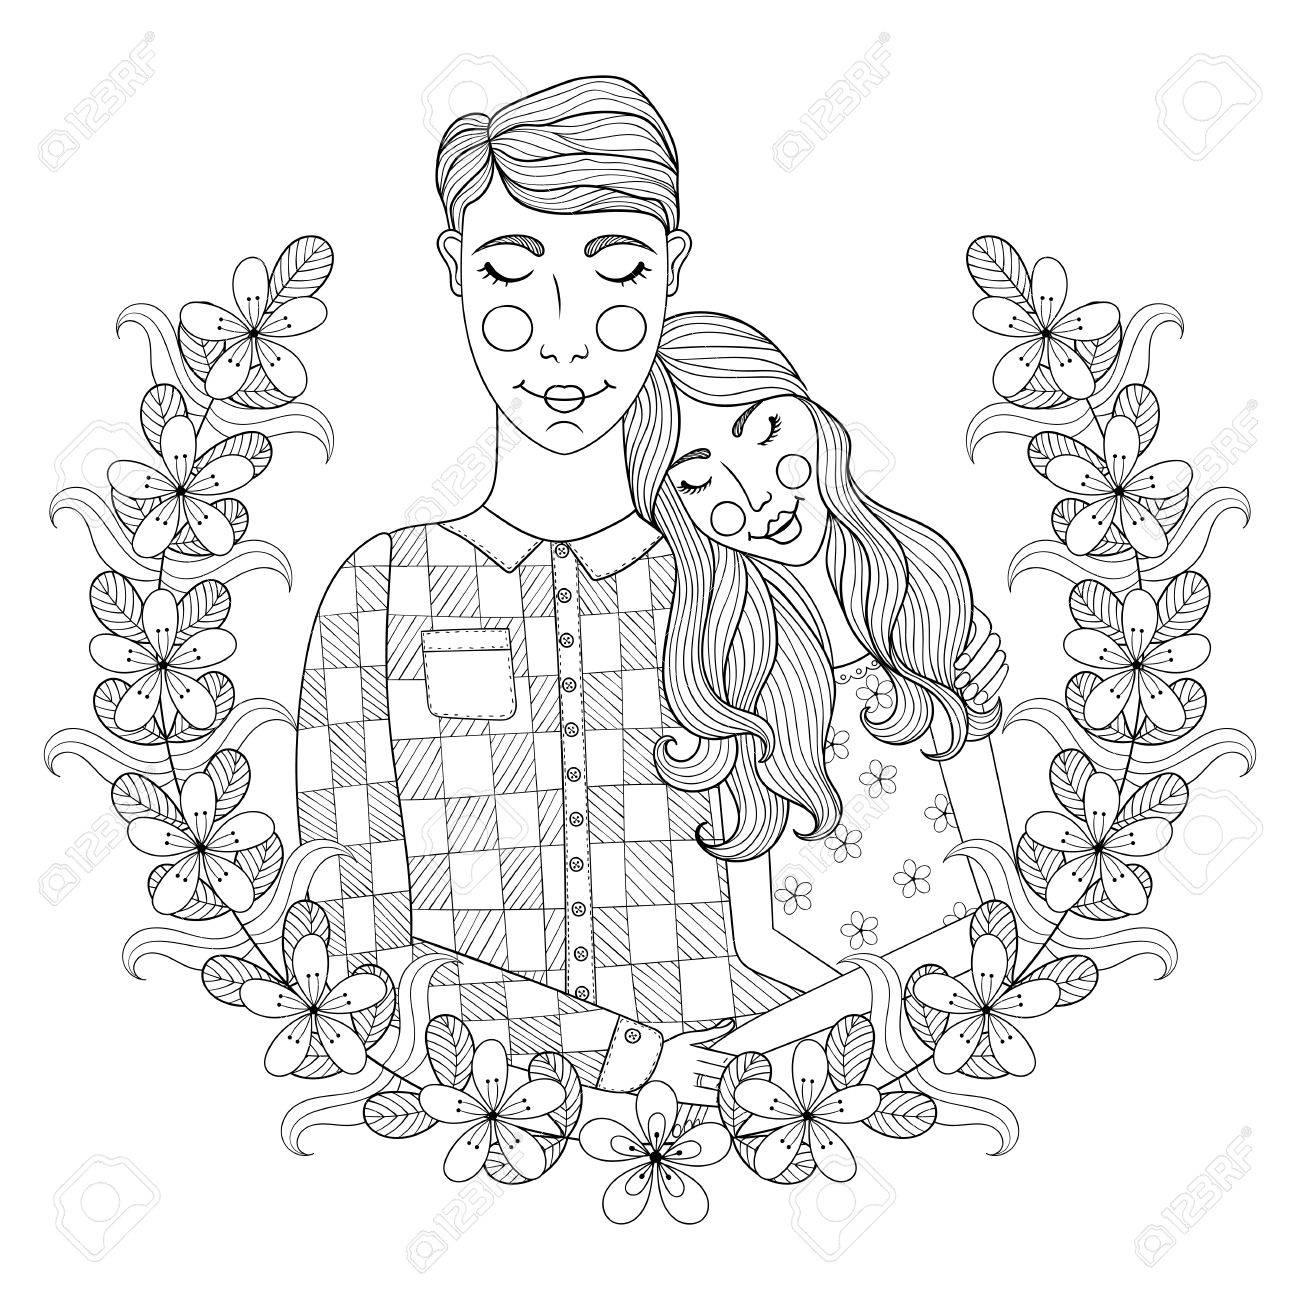 Zentangle Dibujado A Mano Encantador De Los Pares De Páginas Para ...